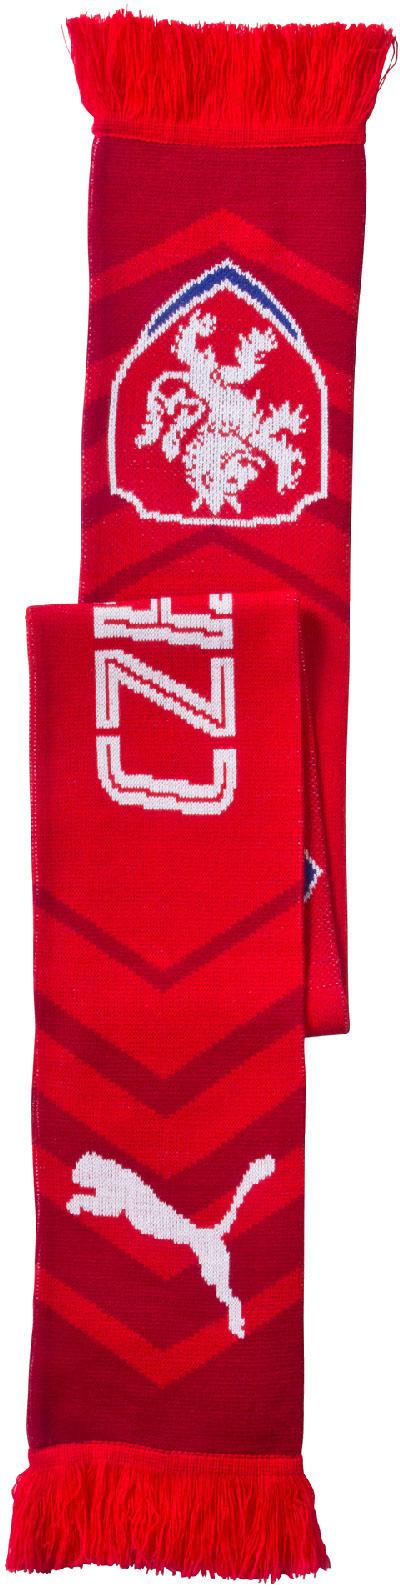 Šála Puma Czech Republic Fanscarf